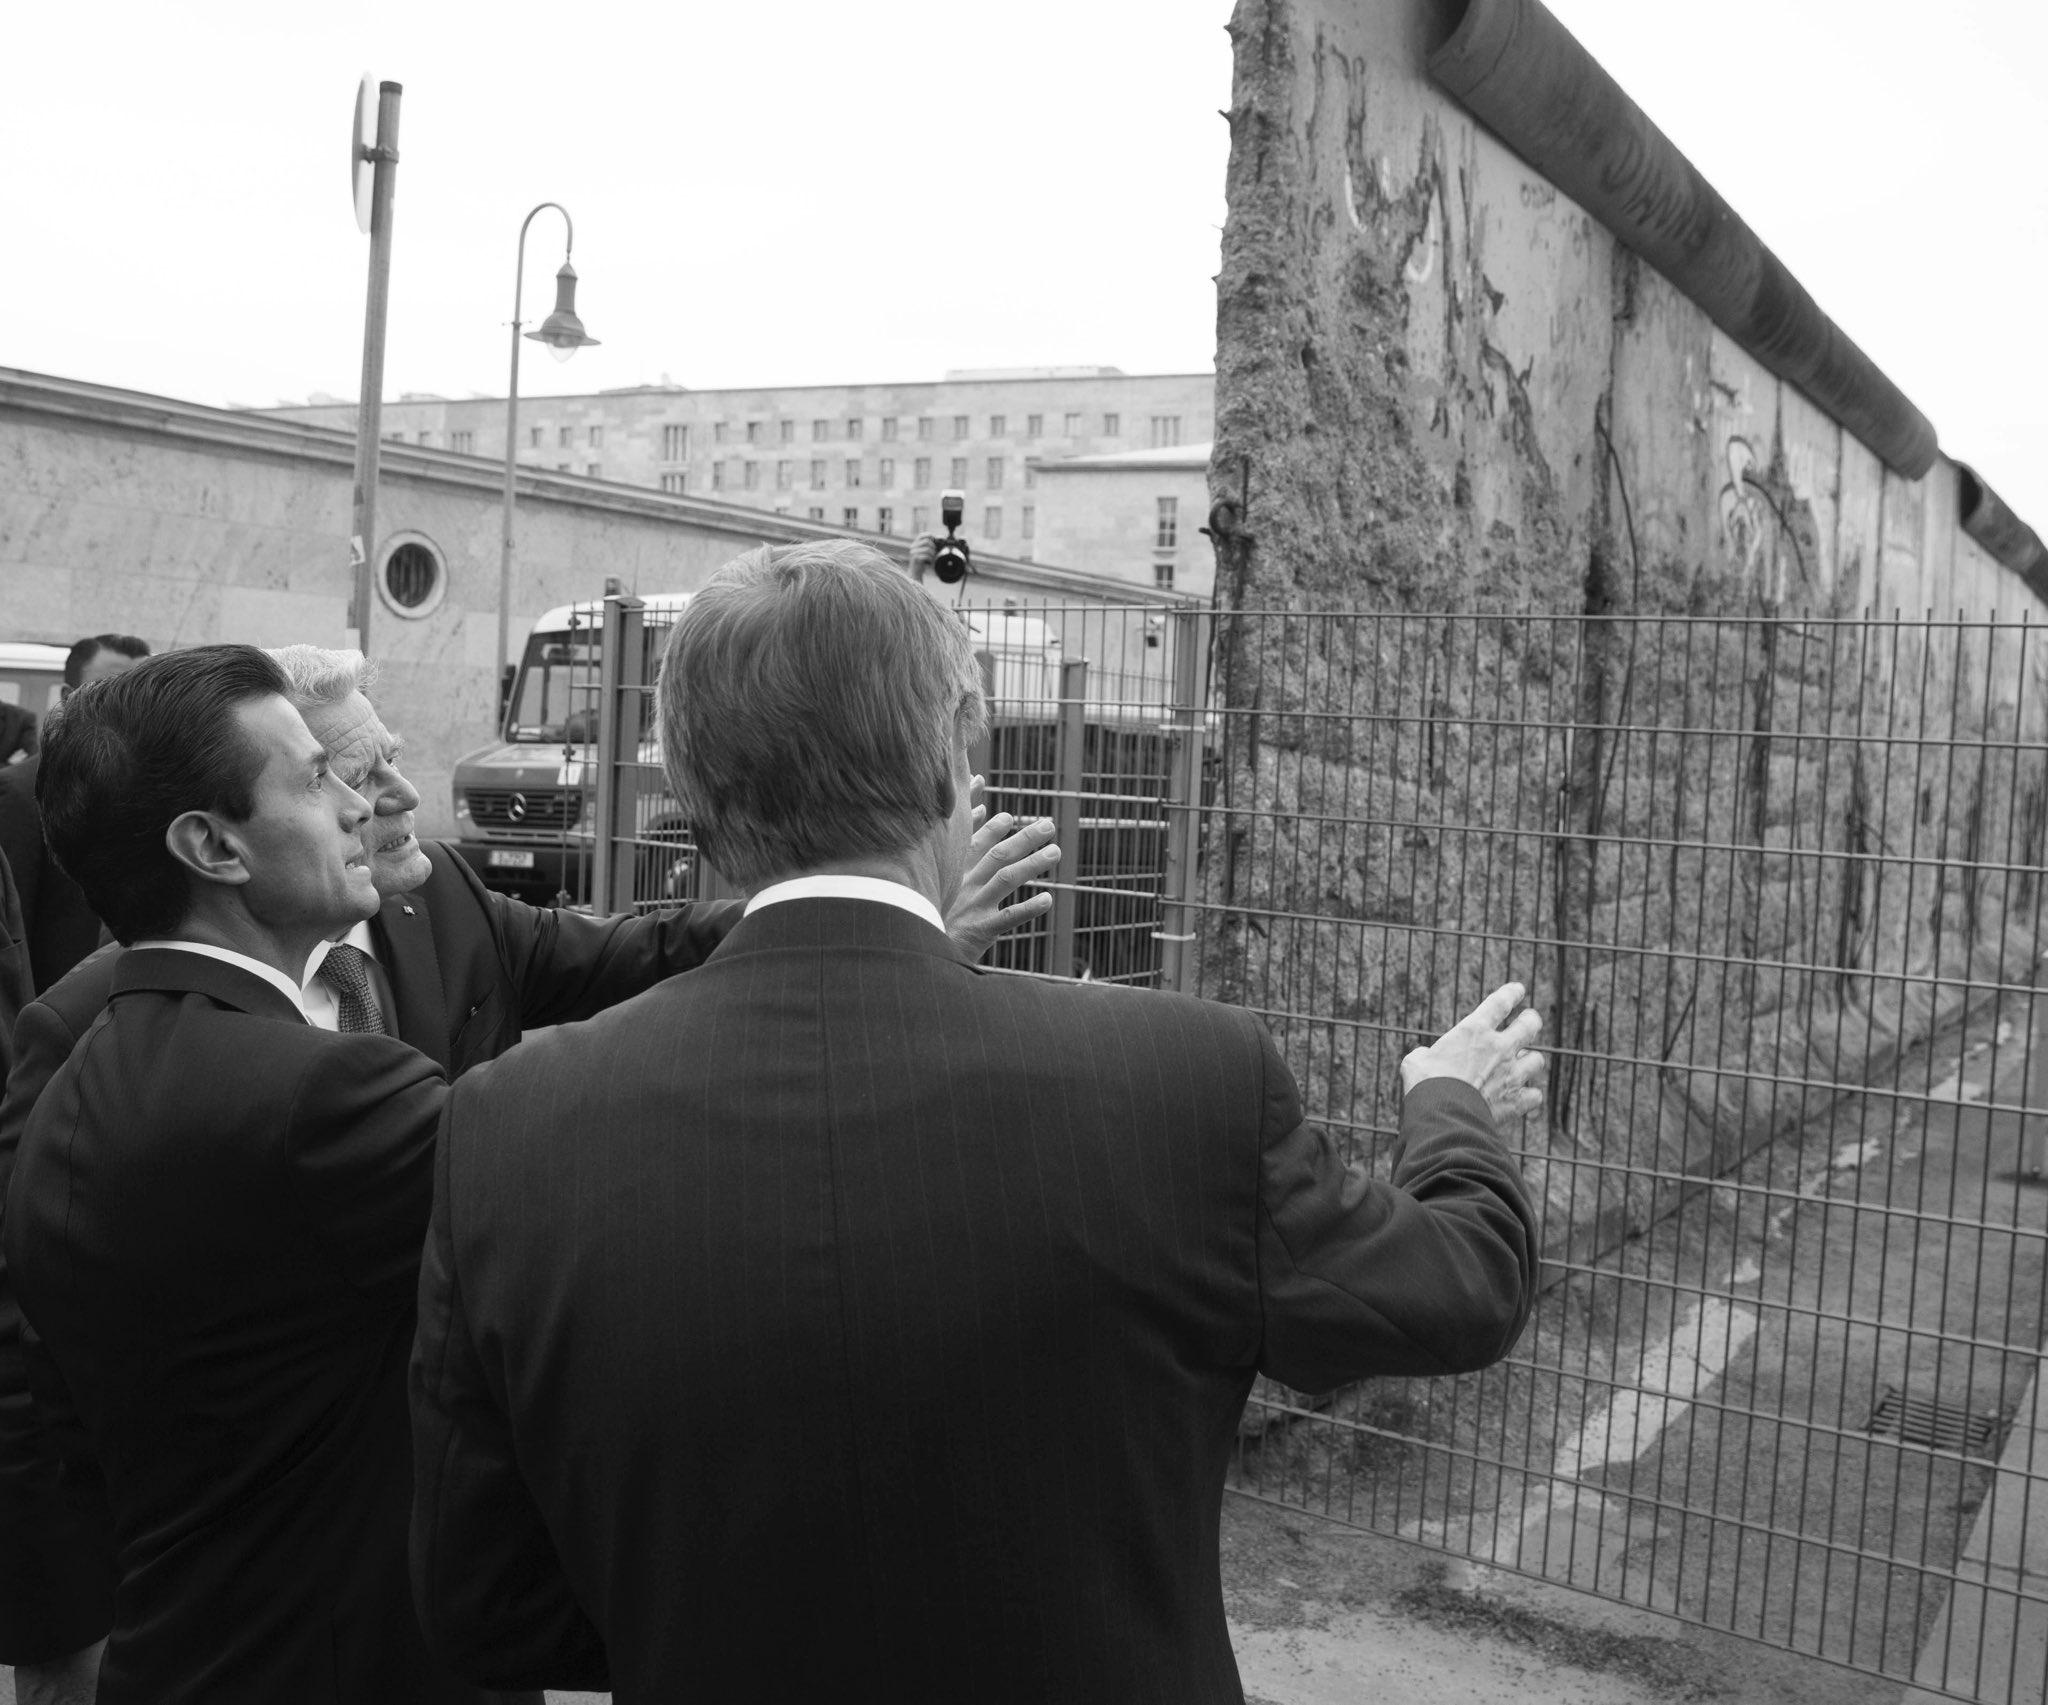 En el siglo XX, el Muro de Berlín separó a familias y pueblos. Nunca más un muro de dolor. https://t.co/fkQP84SuZ4